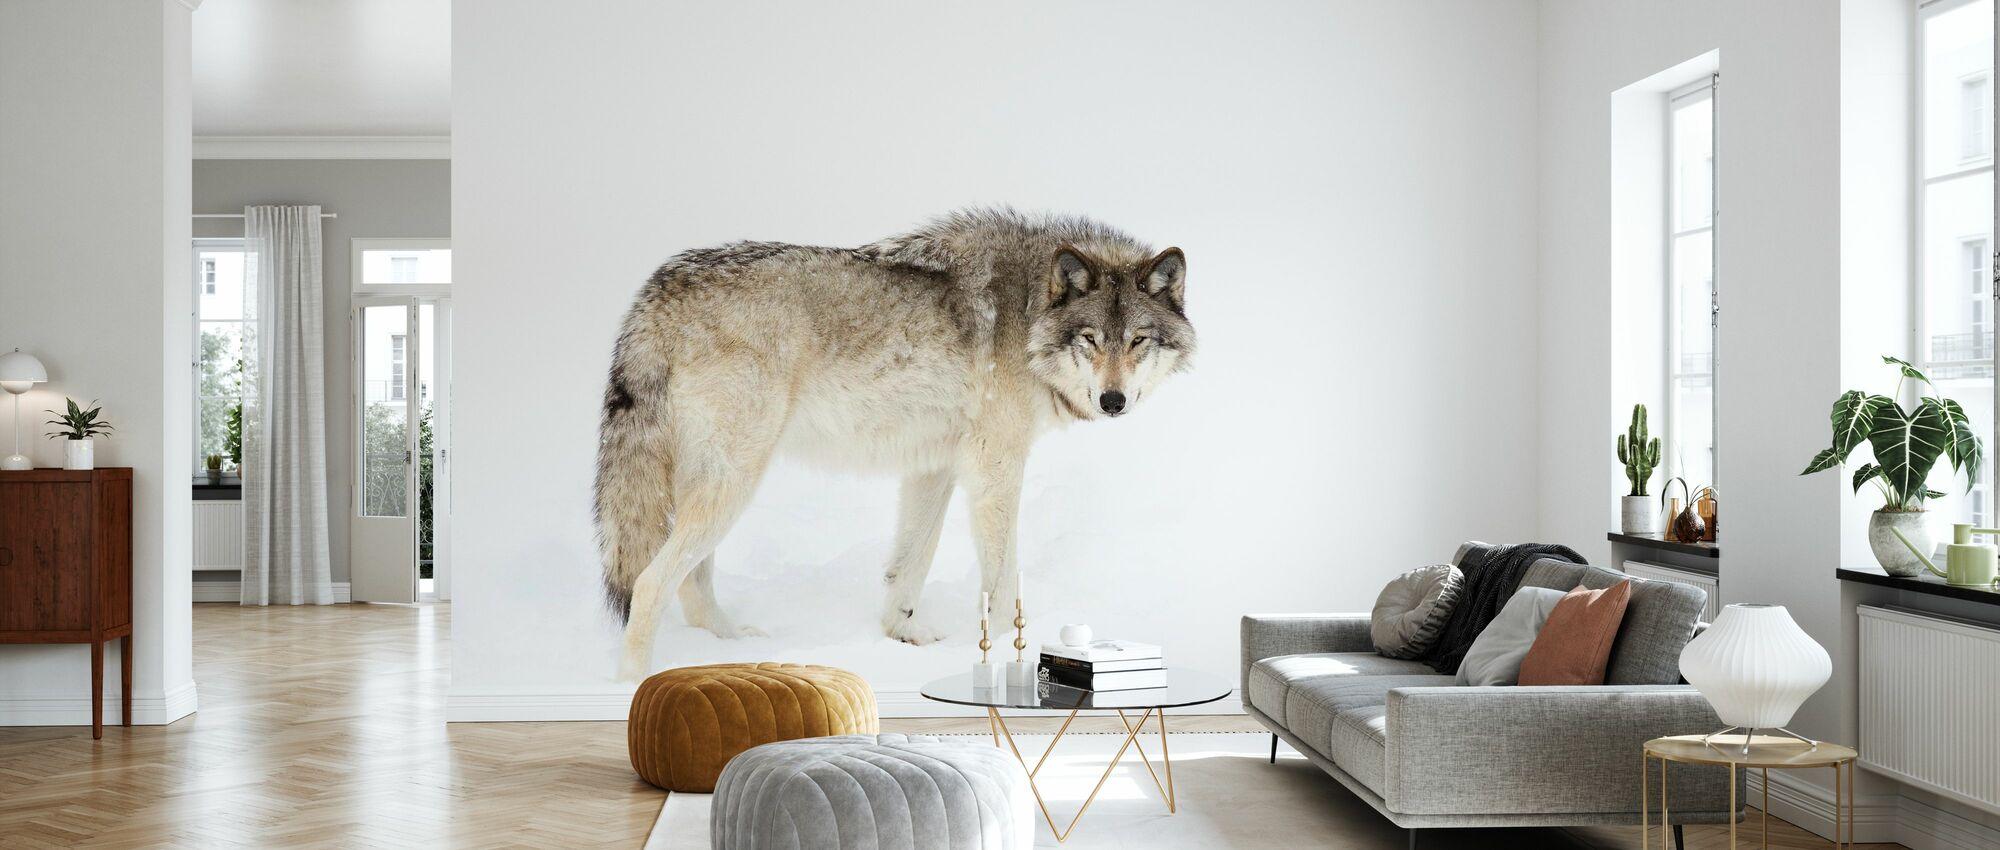 Kanadiske tømmer ulv gå gjennom snøen - Tapet - Stue